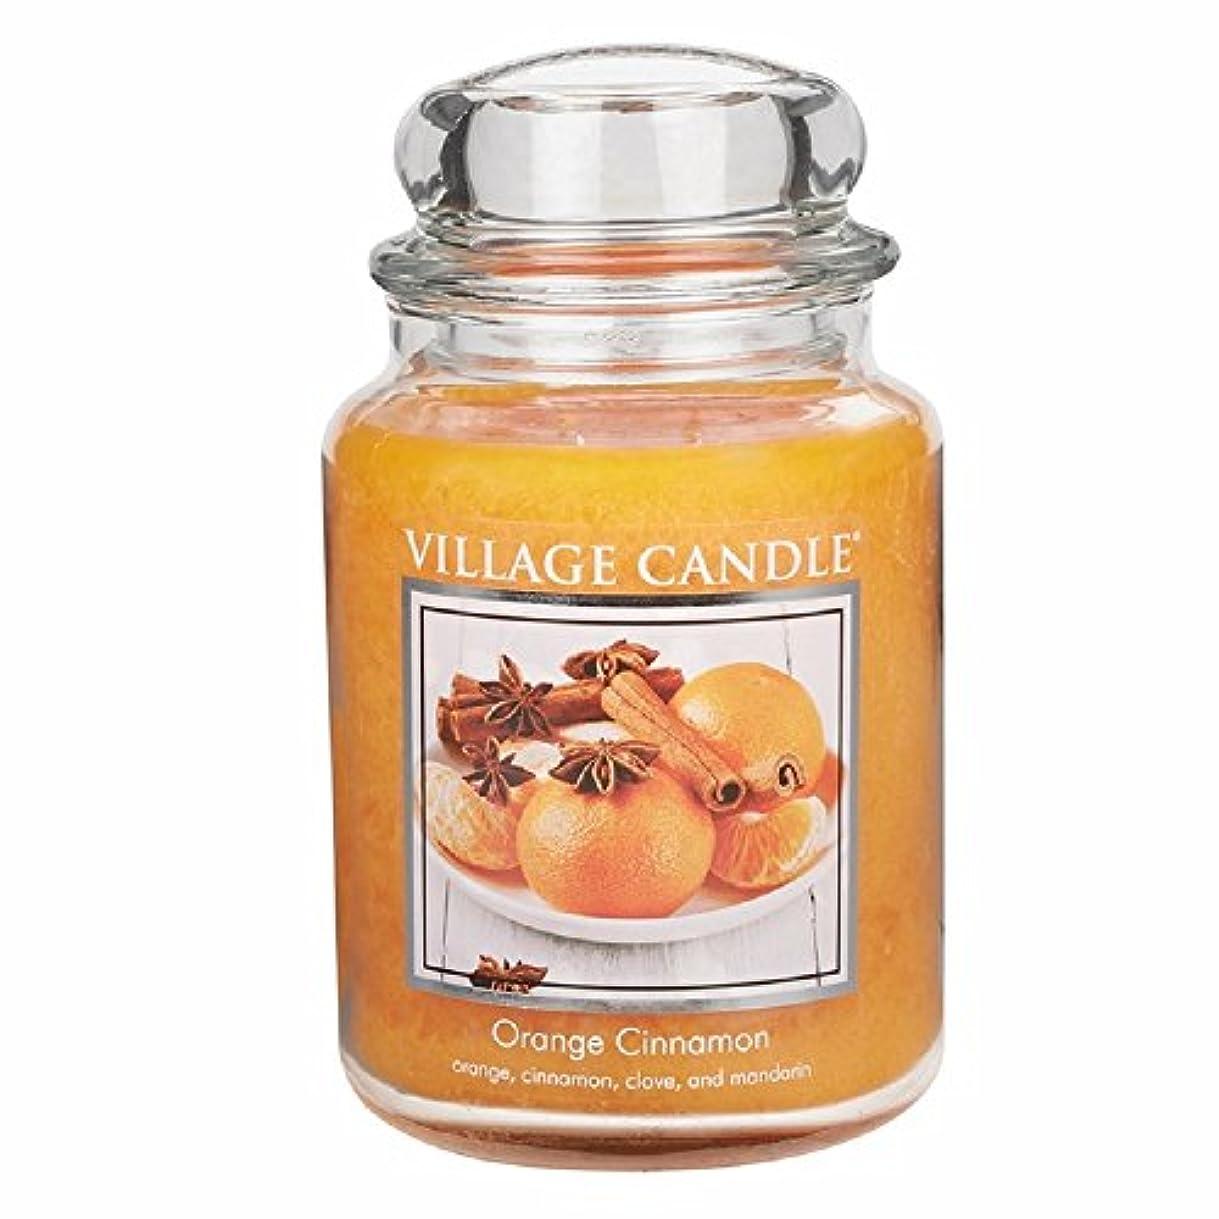 半球厚くする塗抹オレンジシナモン26オンスプレミアムラウンドJar Candle by村キャンドル